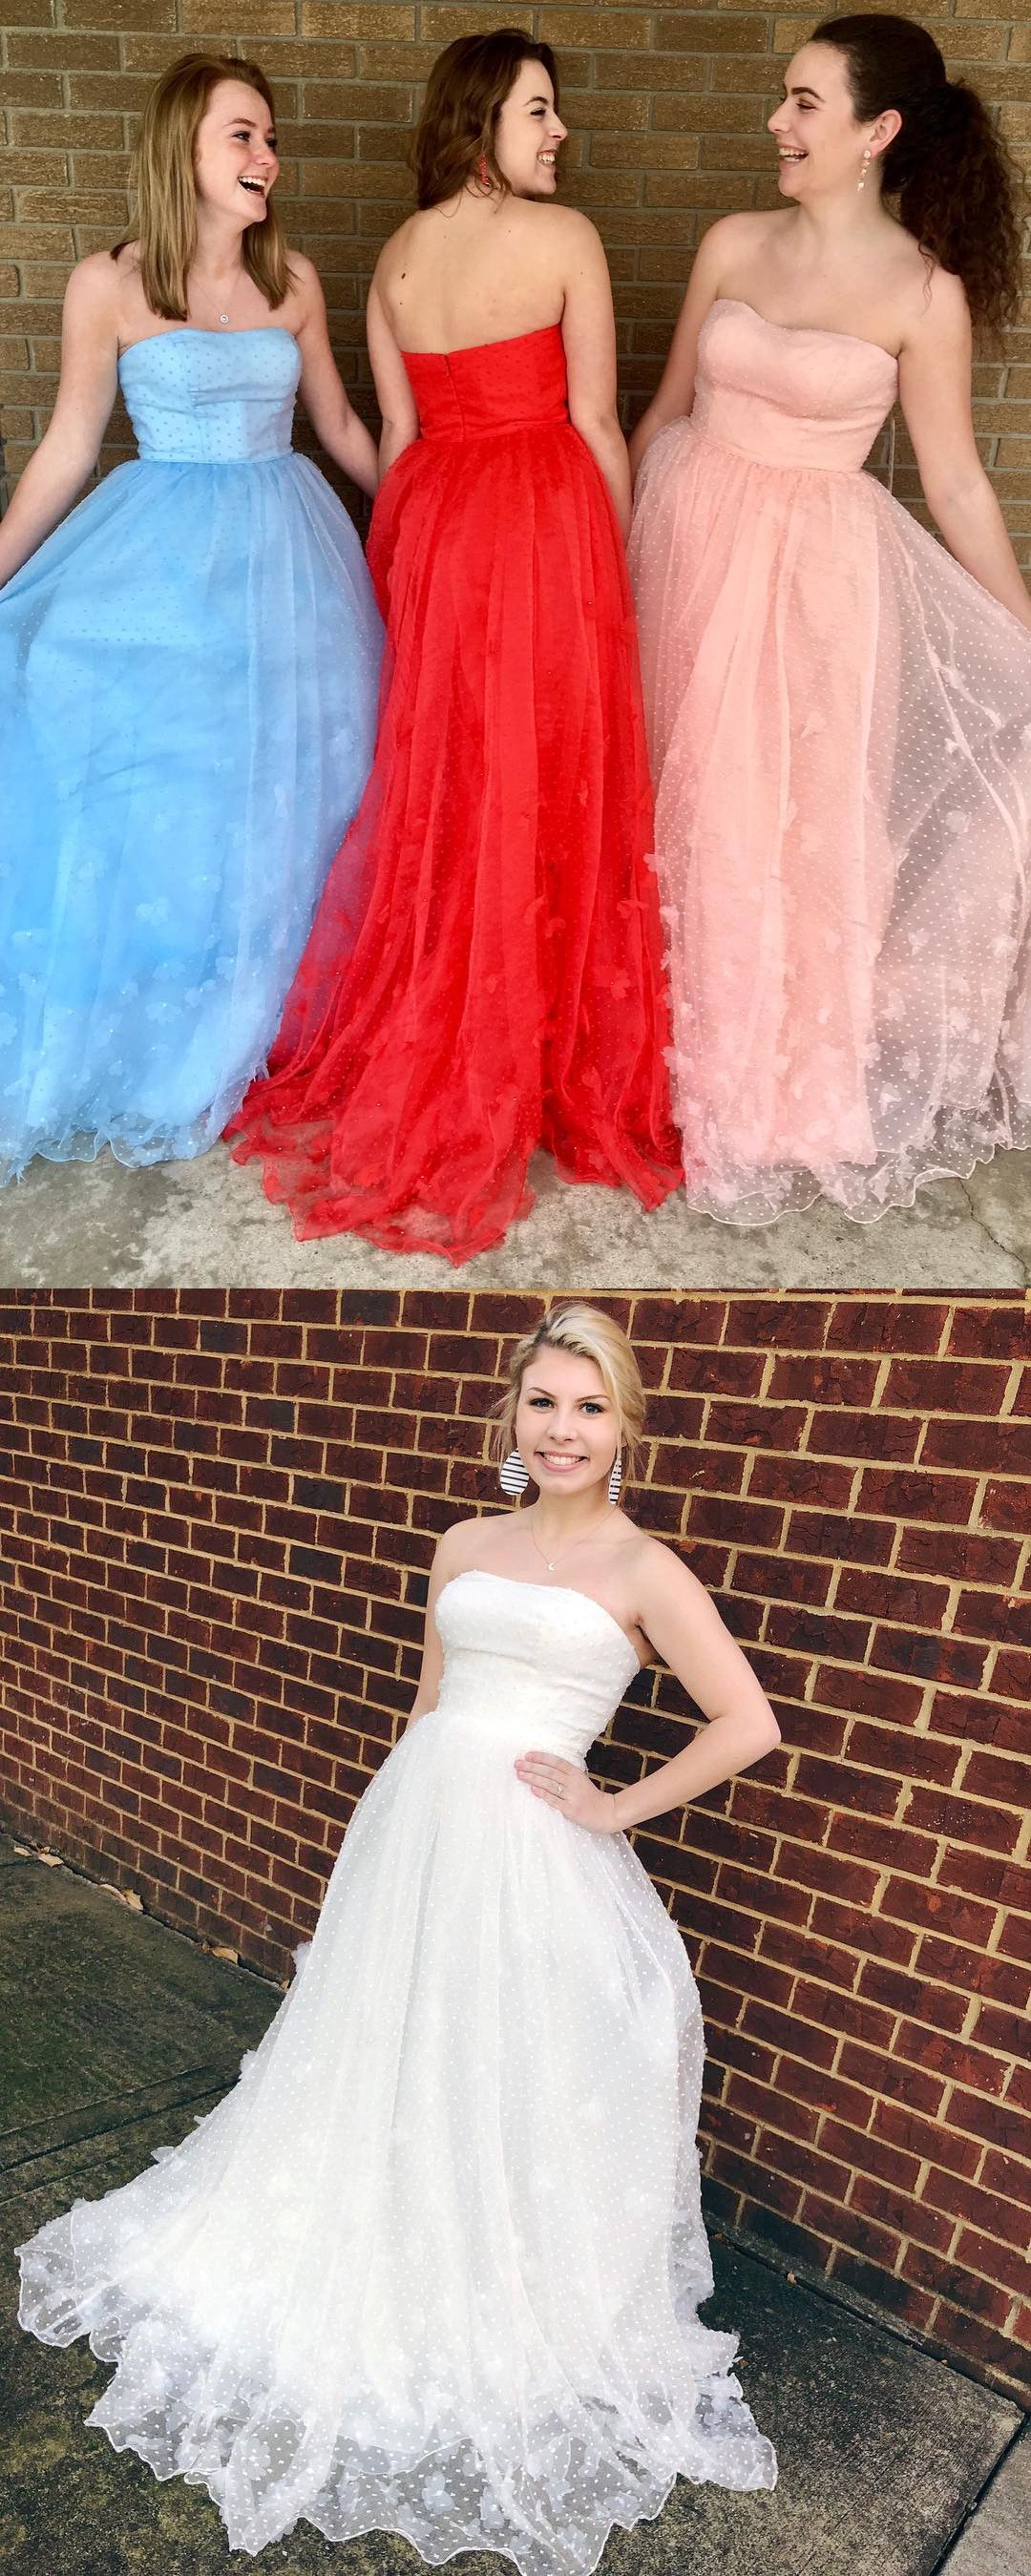 Prom dress long prom dress strapless prom dress prom dress